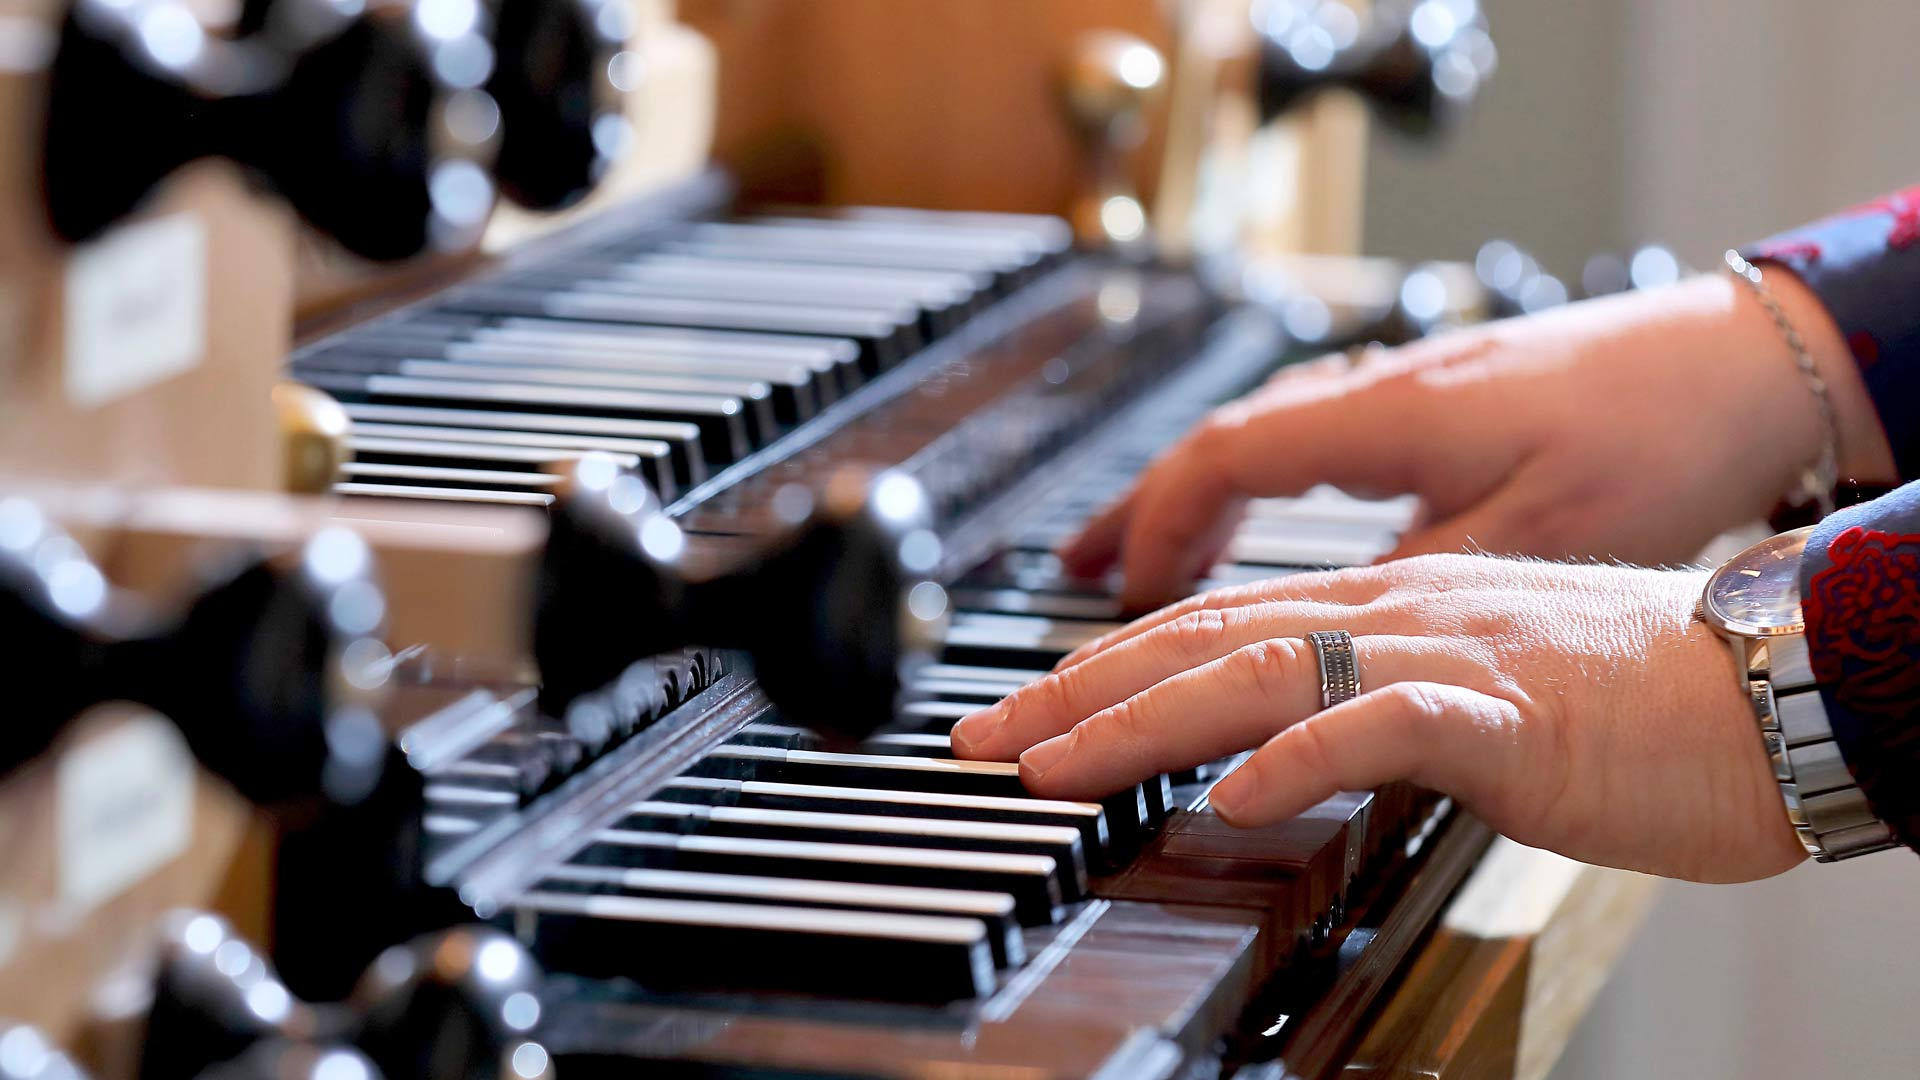 Soivat kädet. Musiikki on Samille työ ja identiteetti. Sairastuminen katkaisi yhteyden musiikkiin, mutta nyt sävel on taas löytynyt.